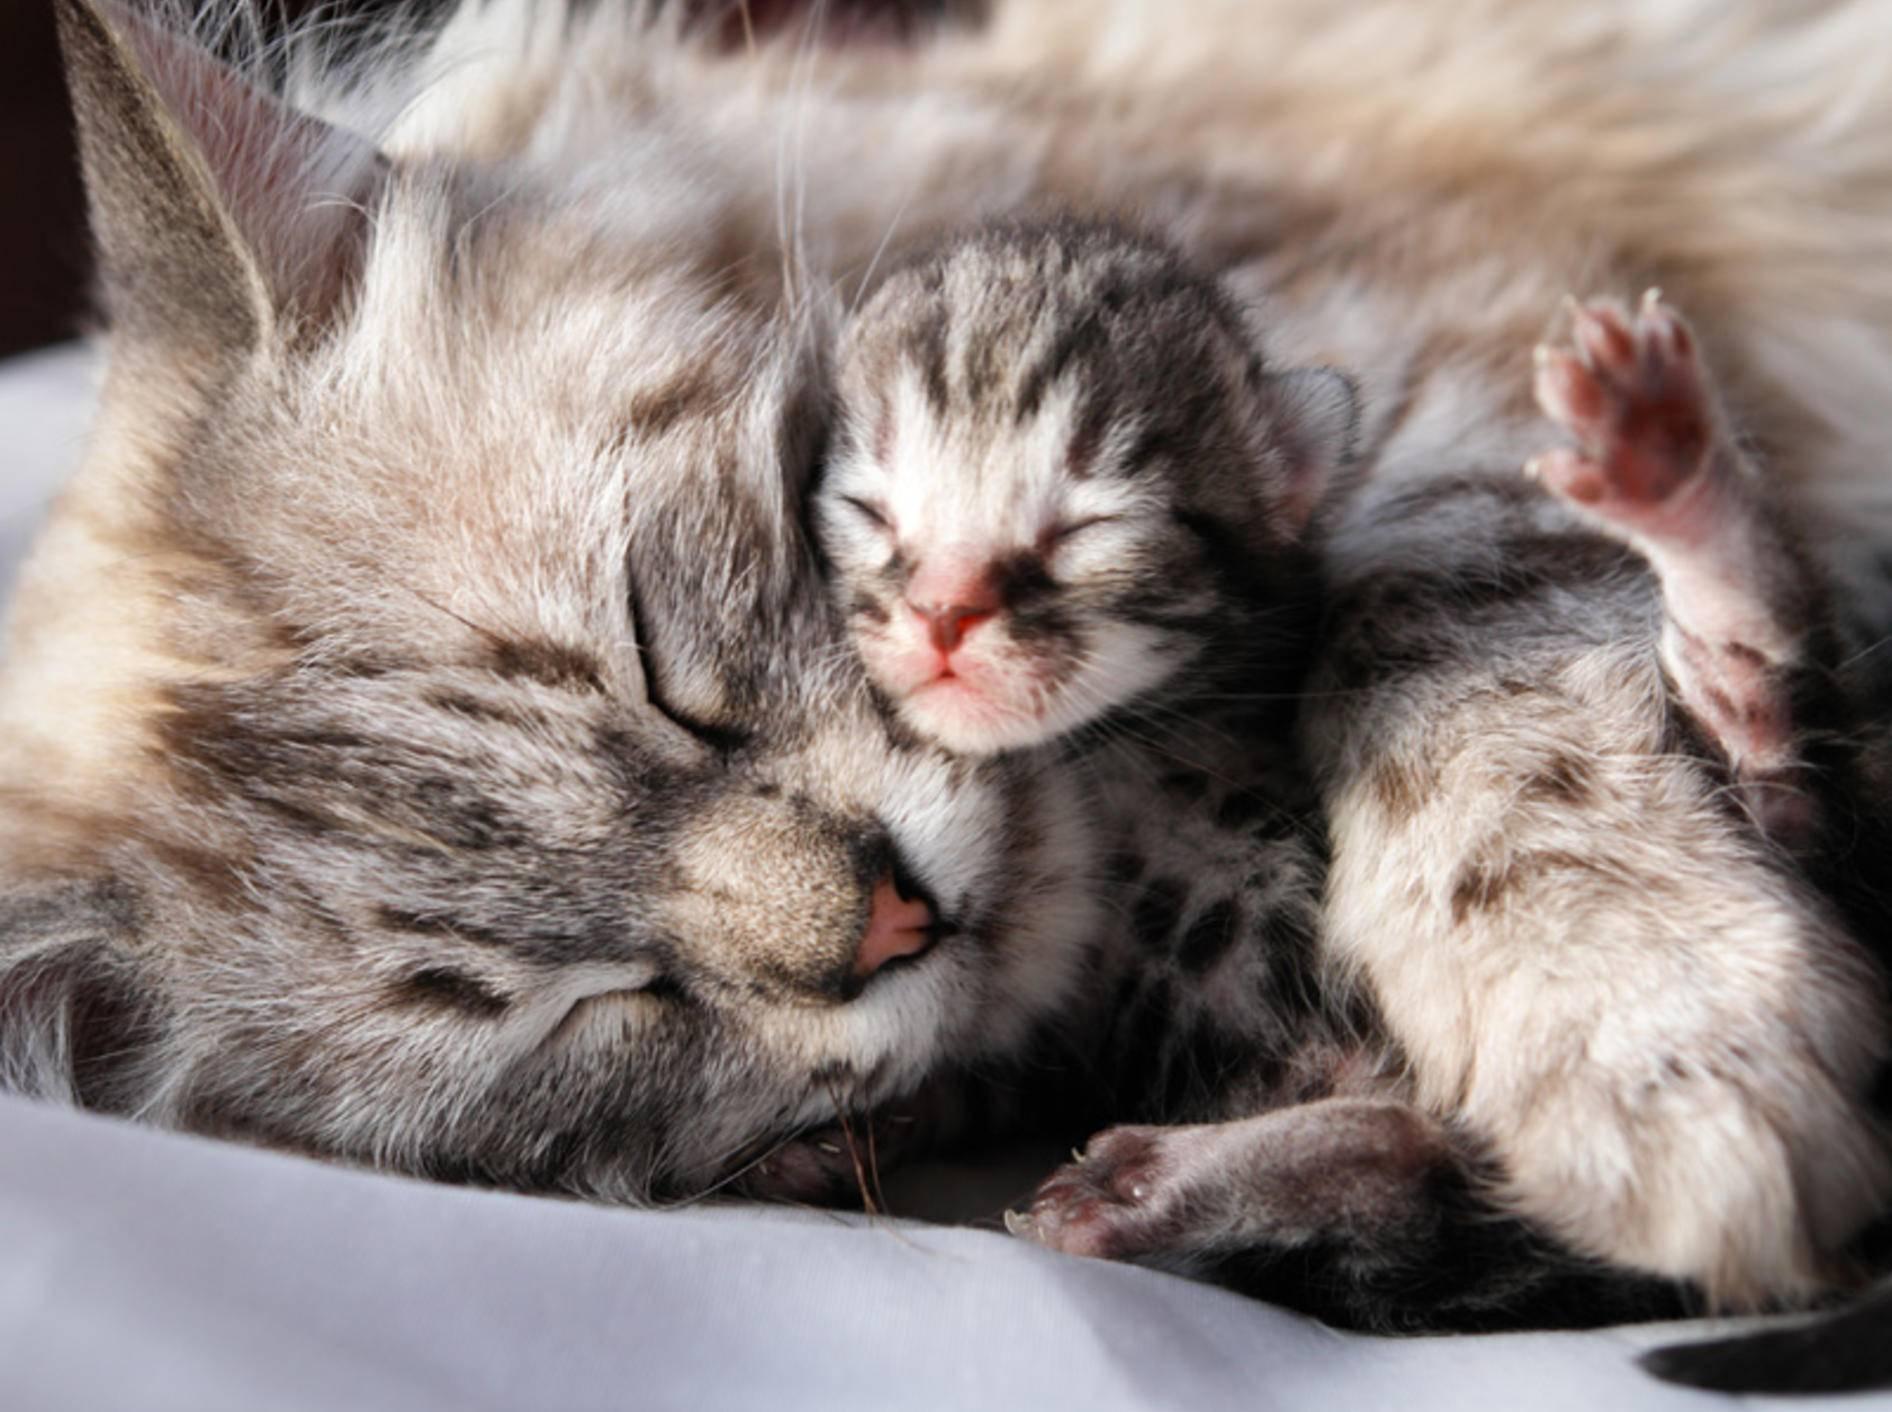 Kuscheln mit Mama: Dieses Katzenbaby ist ganz neu auf der Welt — Bild: Shutterstock / Orhan Cam